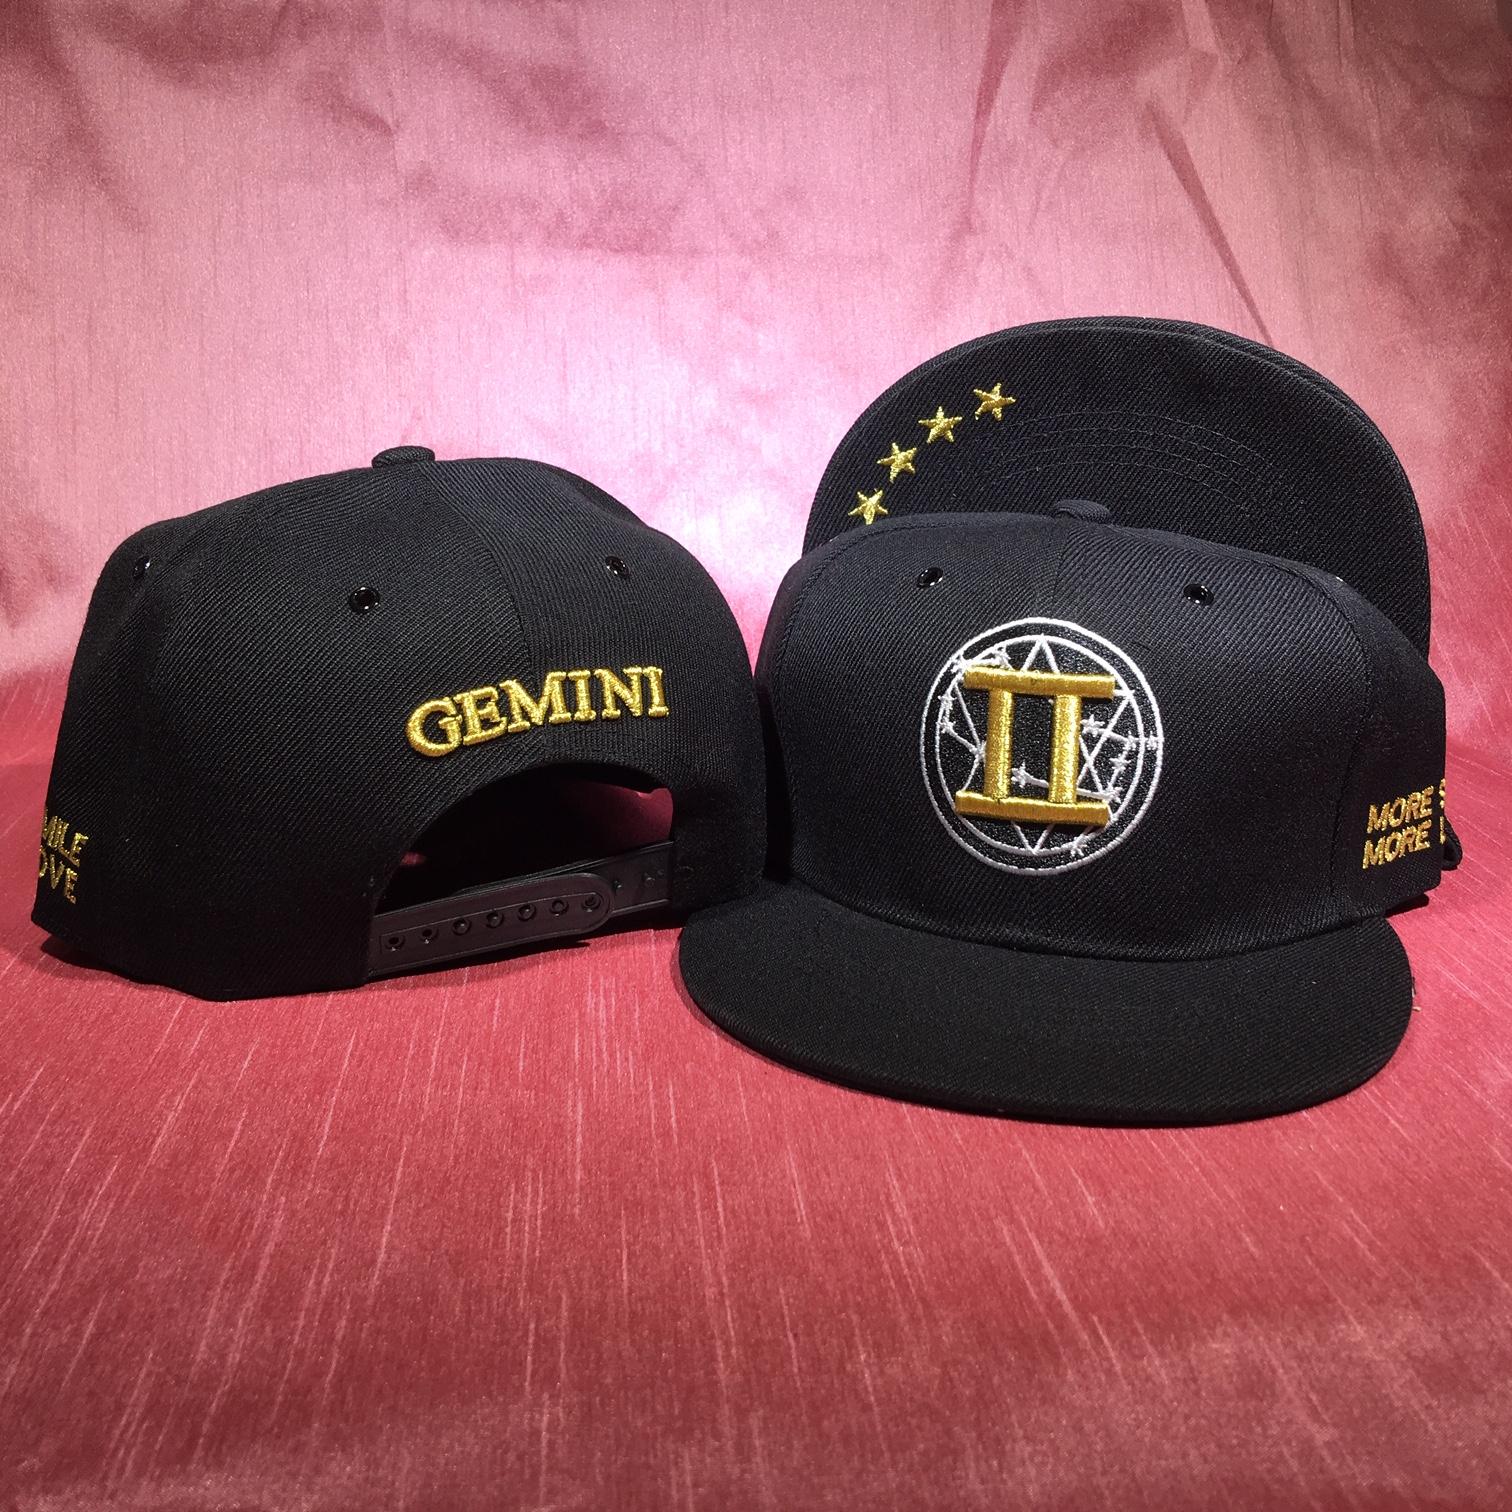 Gemini Flat Back Baseball Cap   (May 21 to June 20)